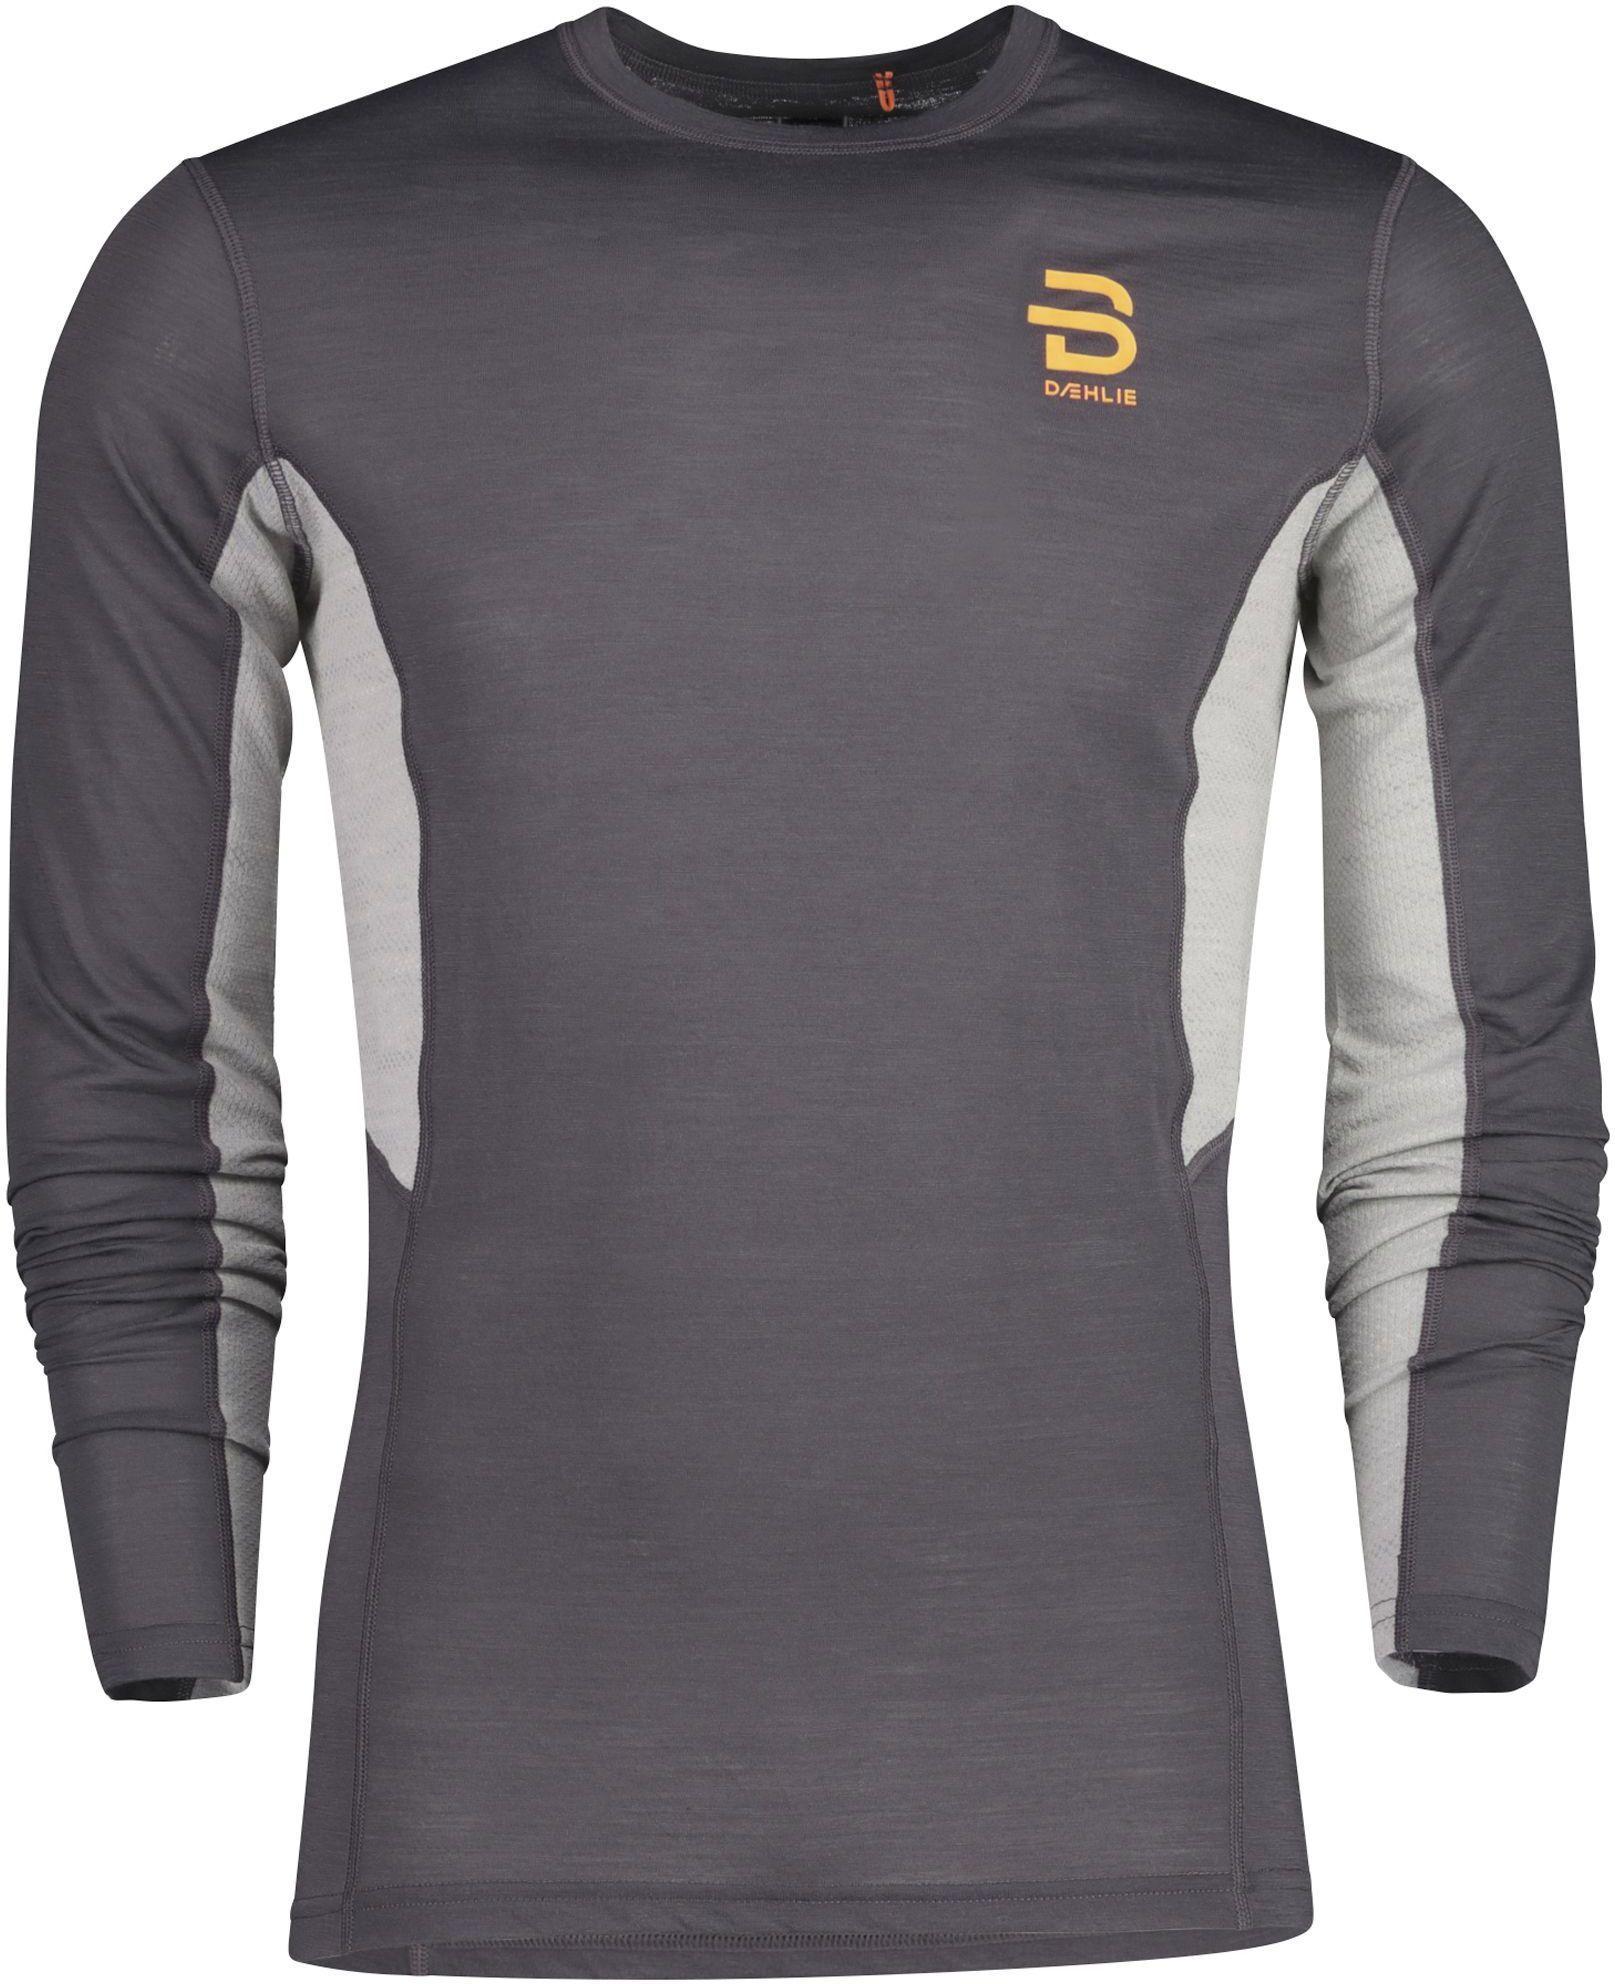 4d35bac6 Best pris på Dæhlie Training Wool LS (Herre) - Se priser før kjøp i  Prisguiden